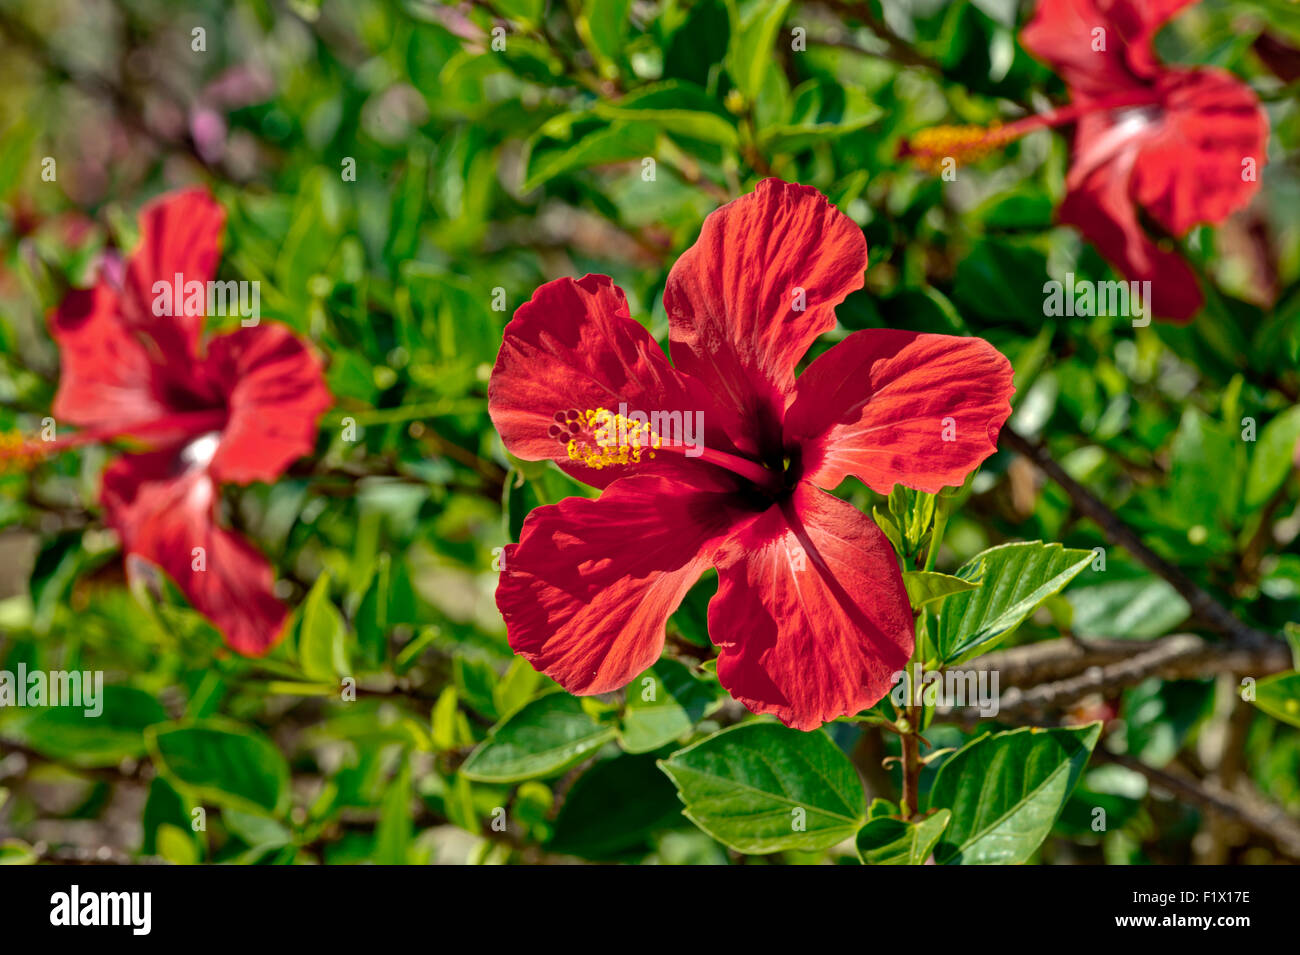 Hibiscus red bush not closeup stock photos hibiscus red bush not portugal algarve hibiscus flowers stock image izmirmasajfo